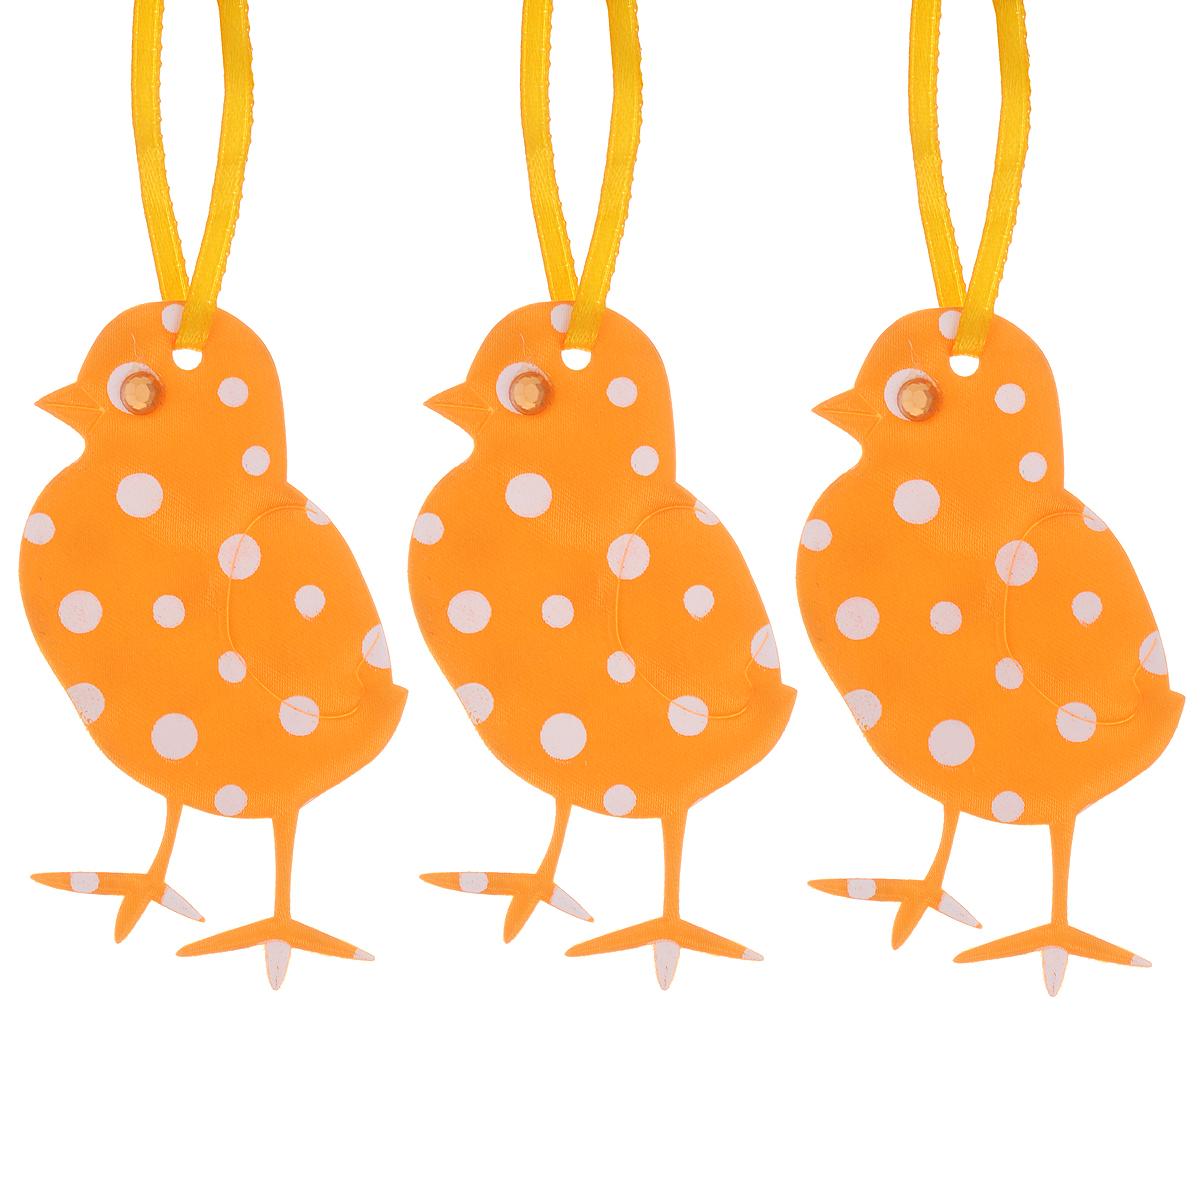 Набор пасхальных подвесных украшений Home Queen Цыплята, цвет: оранжевый, 3 шт58234_5Набор Home Queen Цыплята, изготовленный из полиэстера, состоит из трех пасхальных подвесных украшений. Изделия выполнены в виде цыплят с мягким наполнителем, декорированы принтом в горох и оснащены текстильными петельками для подвешивания. Такой набор прекрасно дополнит оформление вашего дома на Пасху. Размер украшения: 8 см х 4 см х 0,3 см.